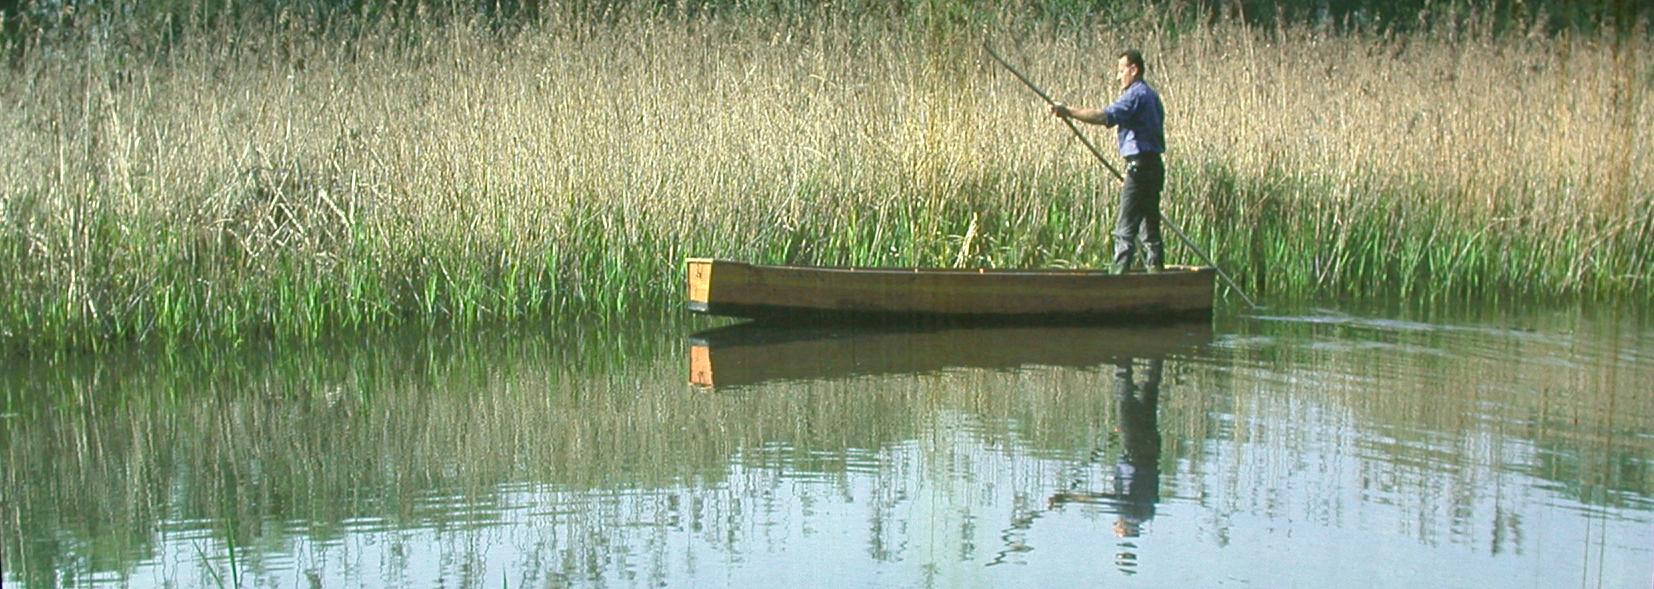 Tradizioni e storie di pesca nel trevigiano